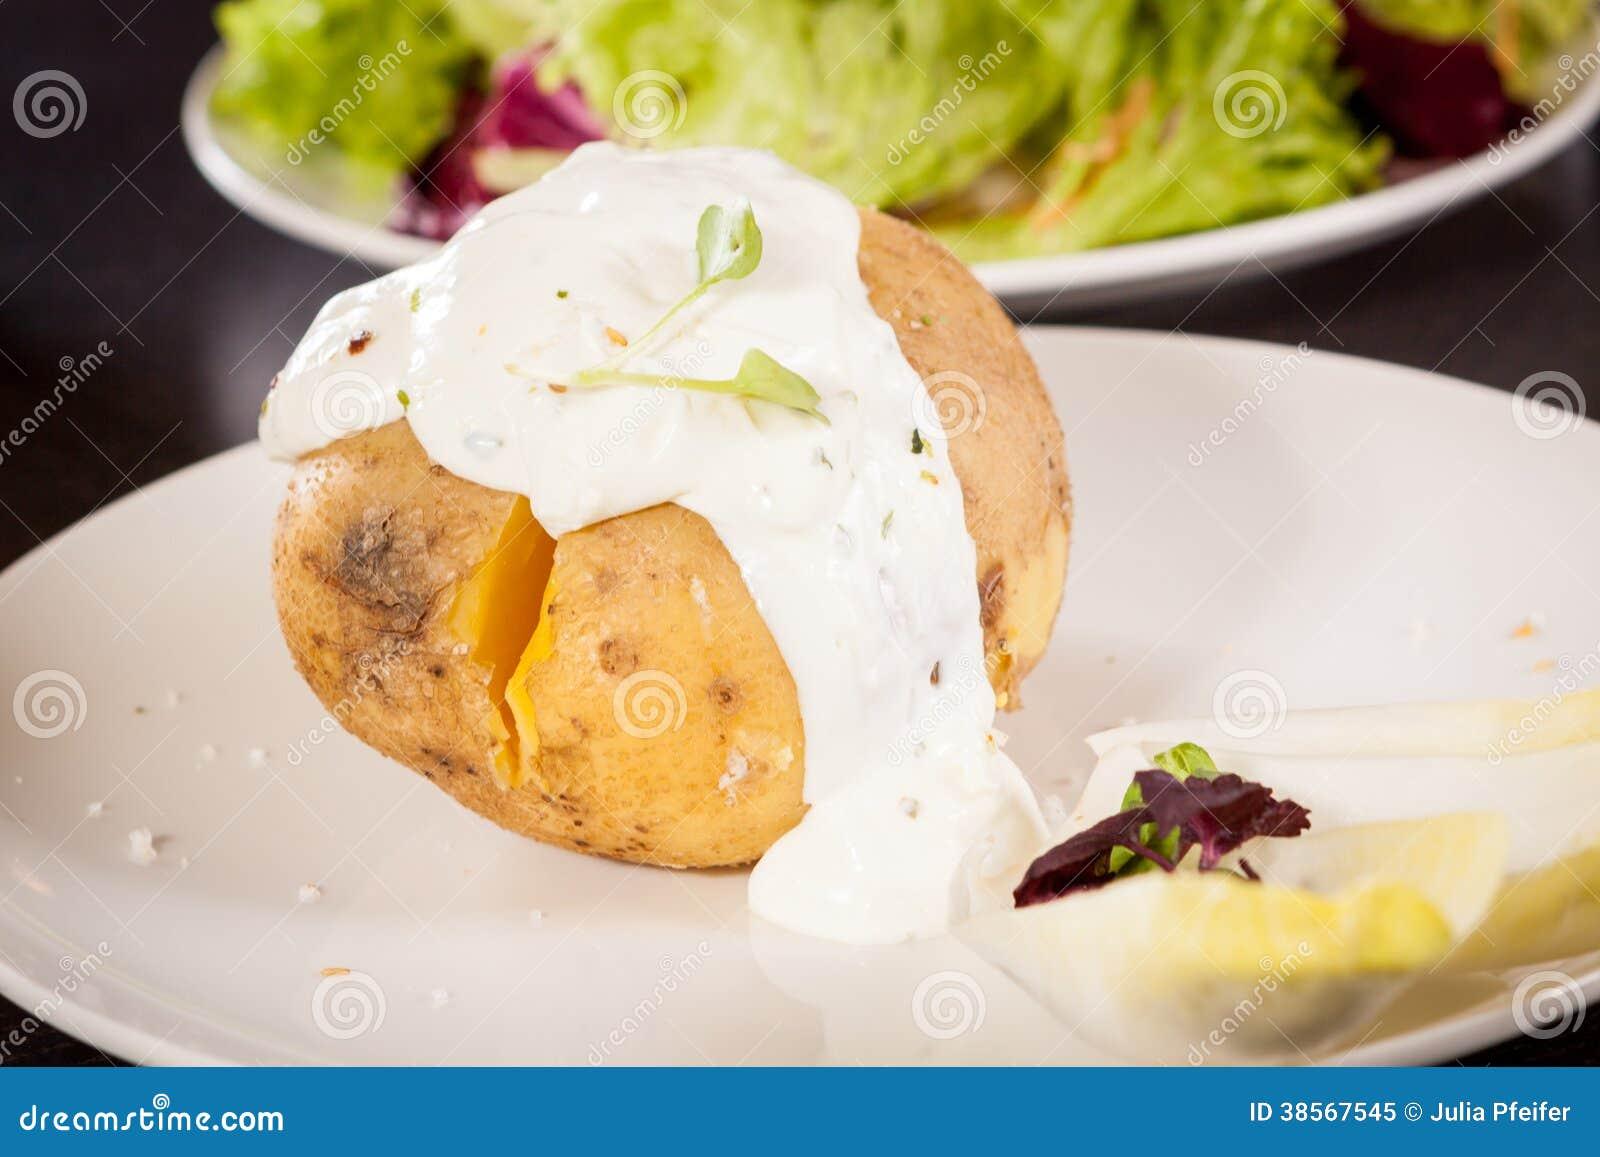 pomme de terre en robe de chambre cuite au four avec de la sauce cr me sure photo libre de. Black Bedroom Furniture Sets. Home Design Ideas